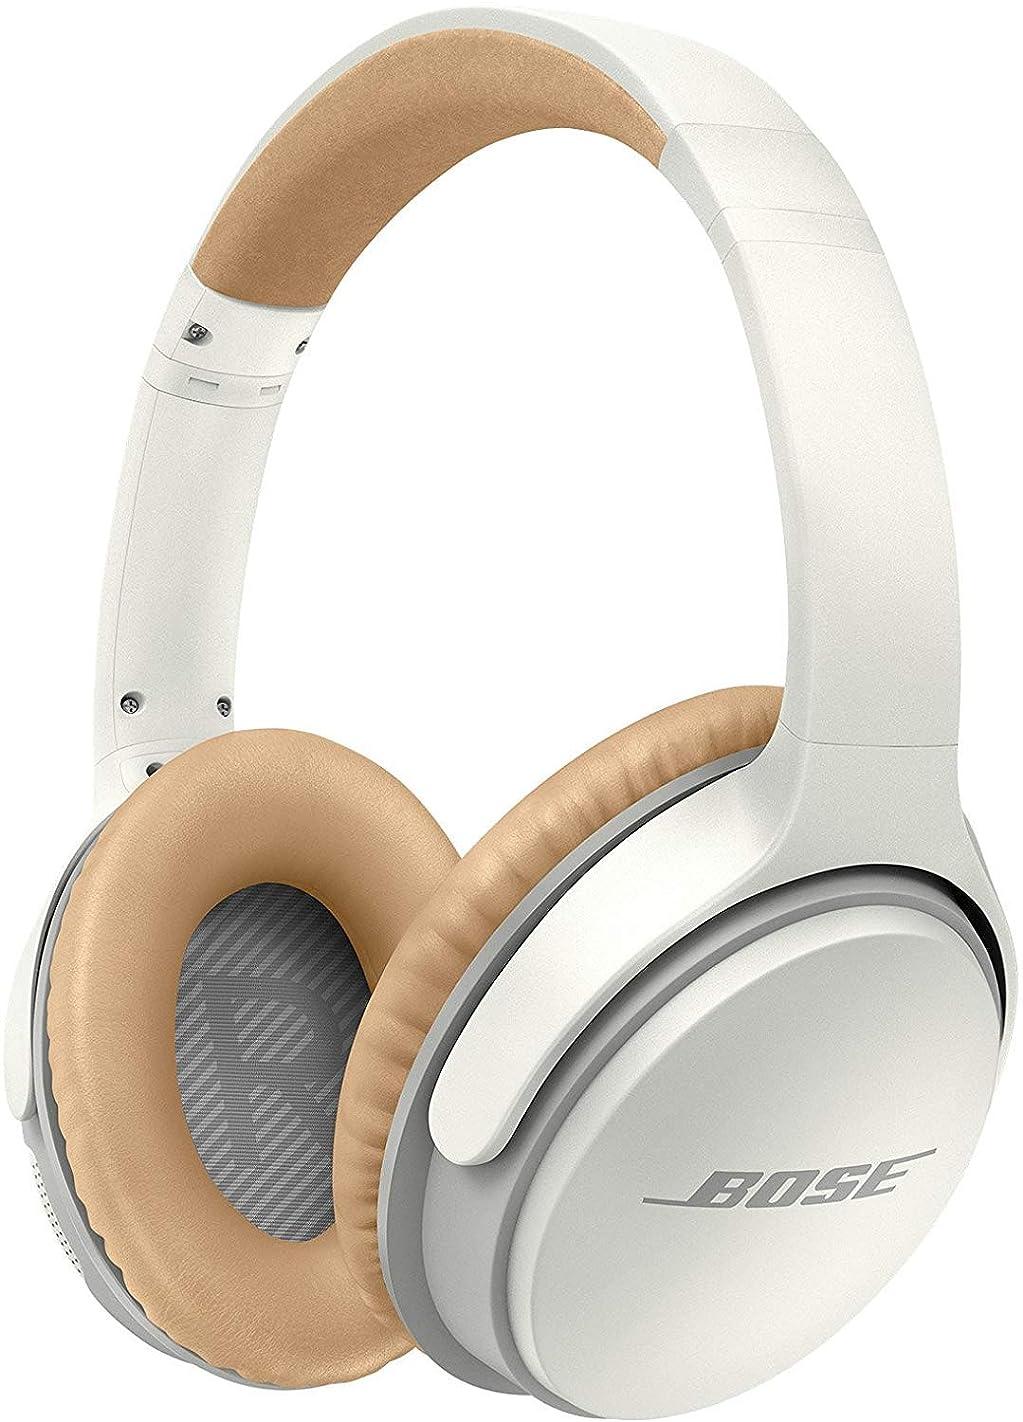 ライトニング頑固な保存Bose SoundLink around-ear wireless headphones II- White [並行輸入品]